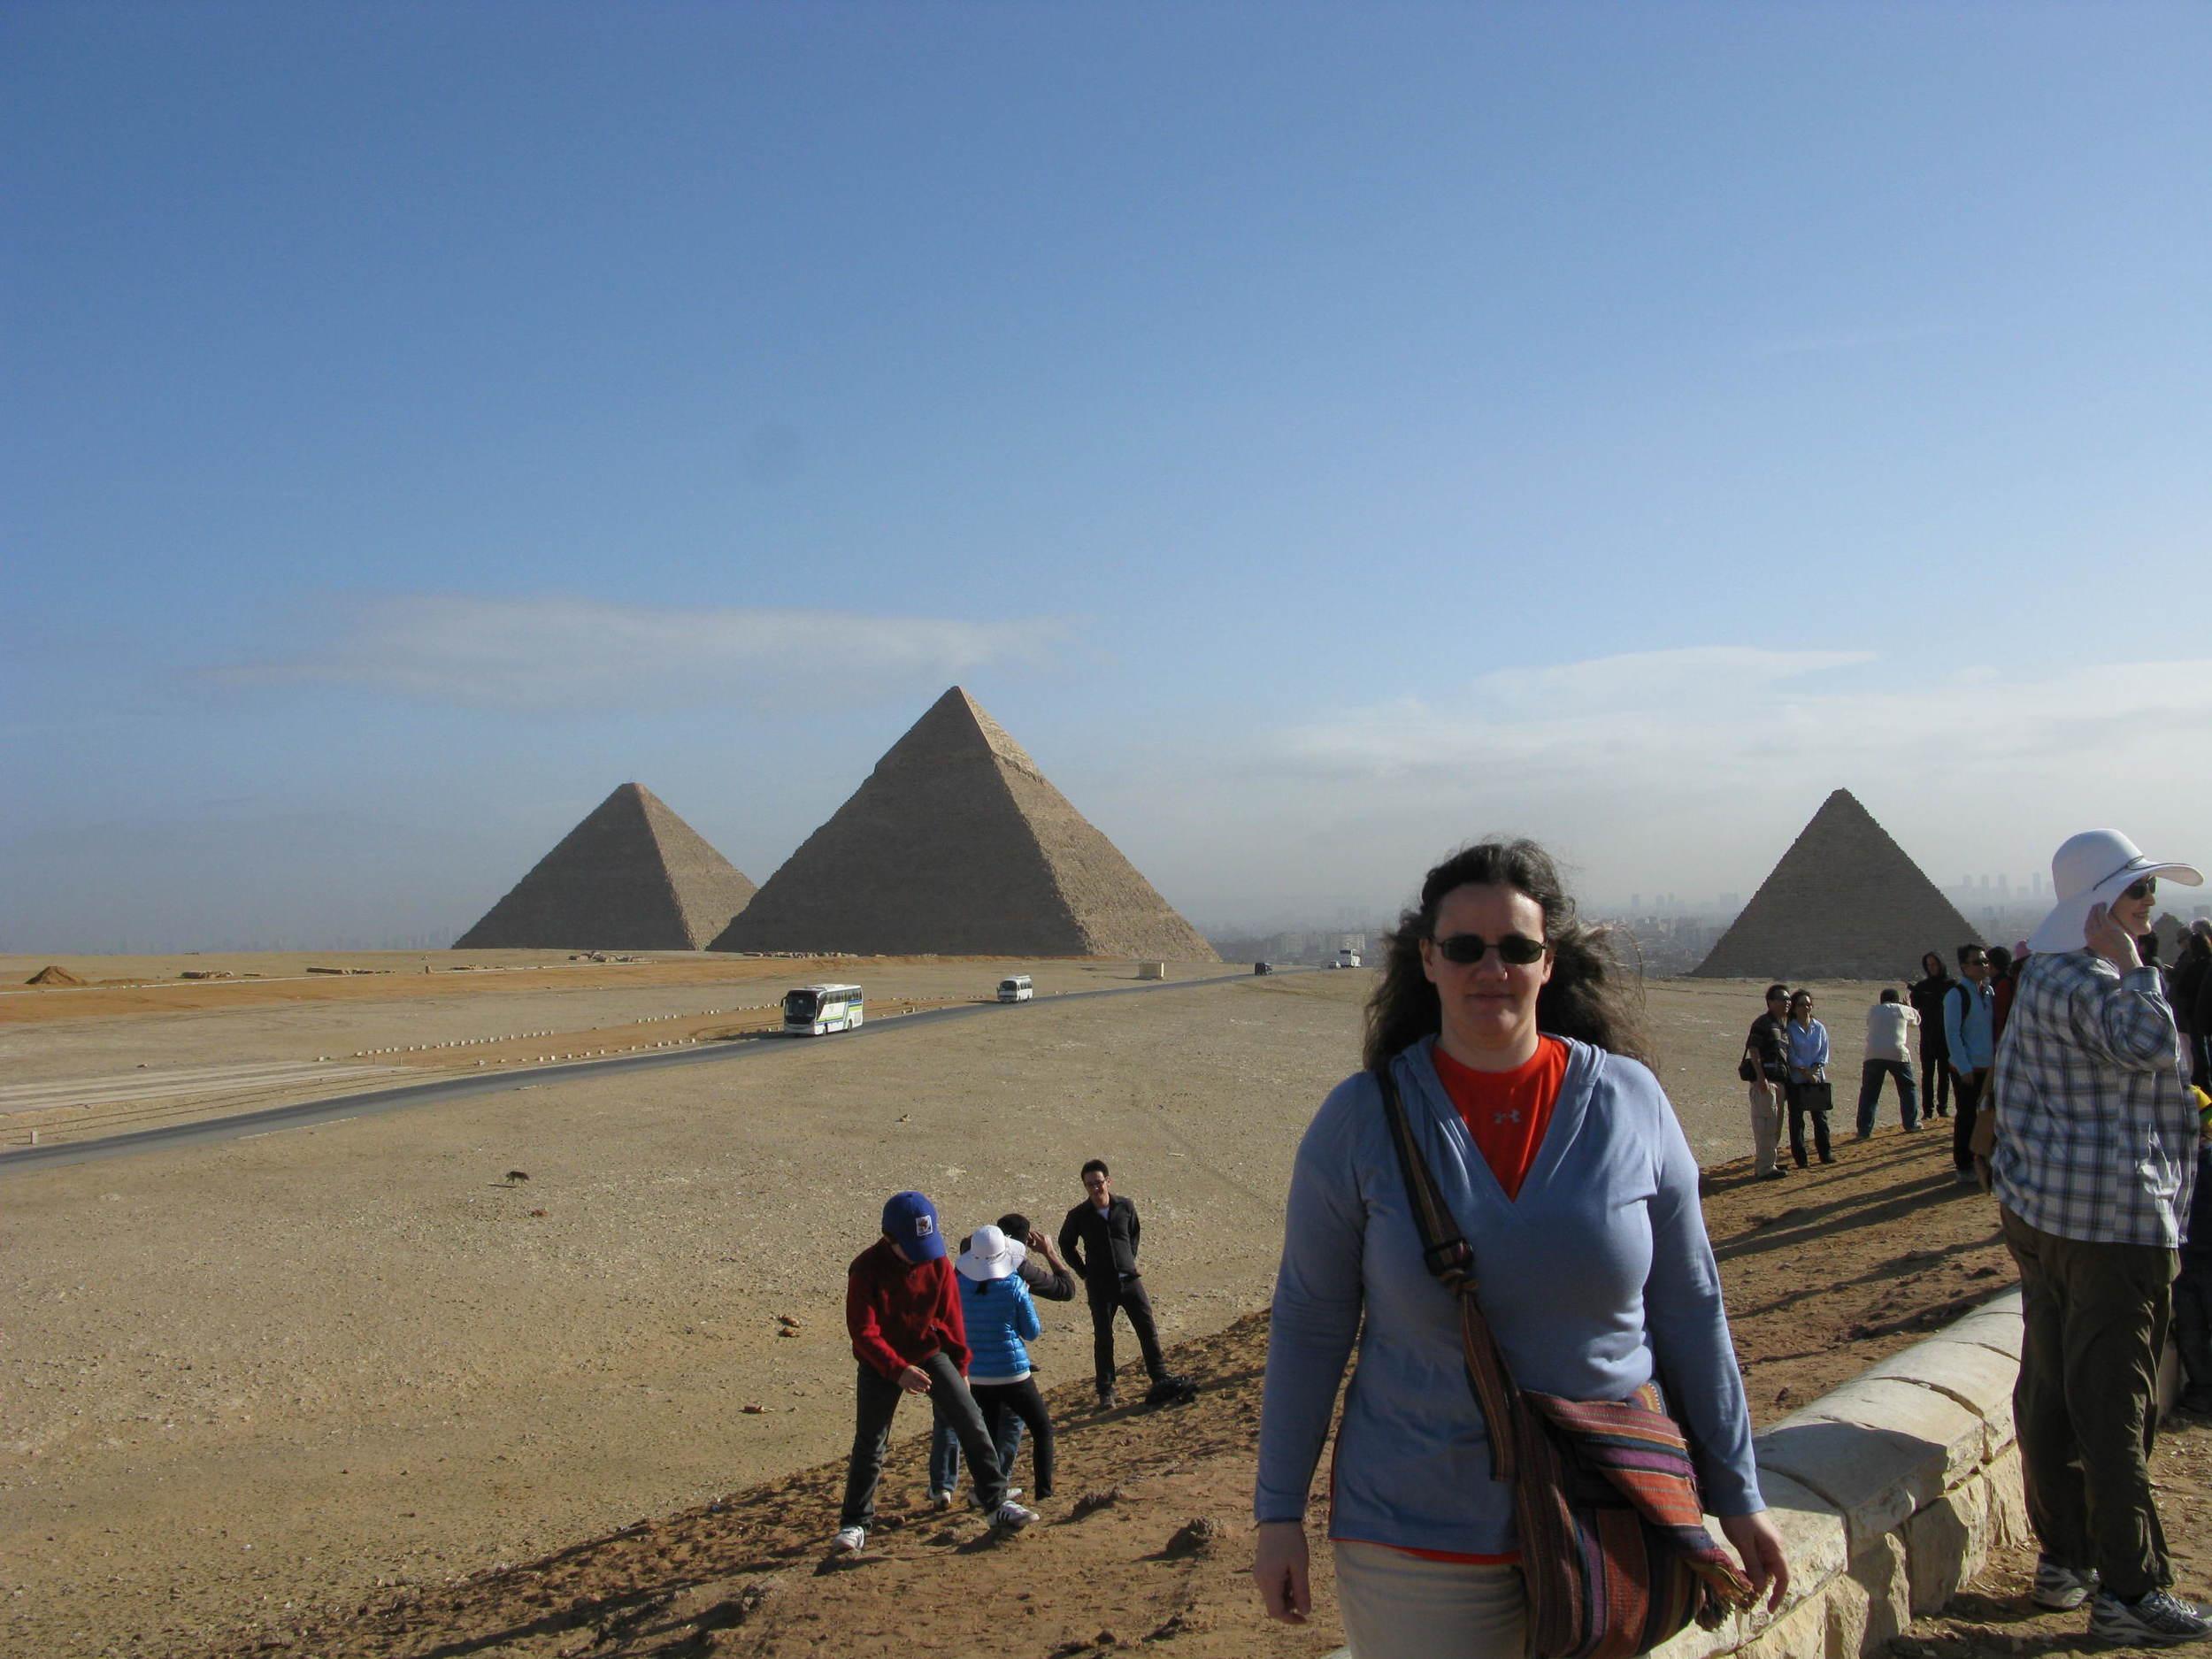 egypt2010 111.jpg